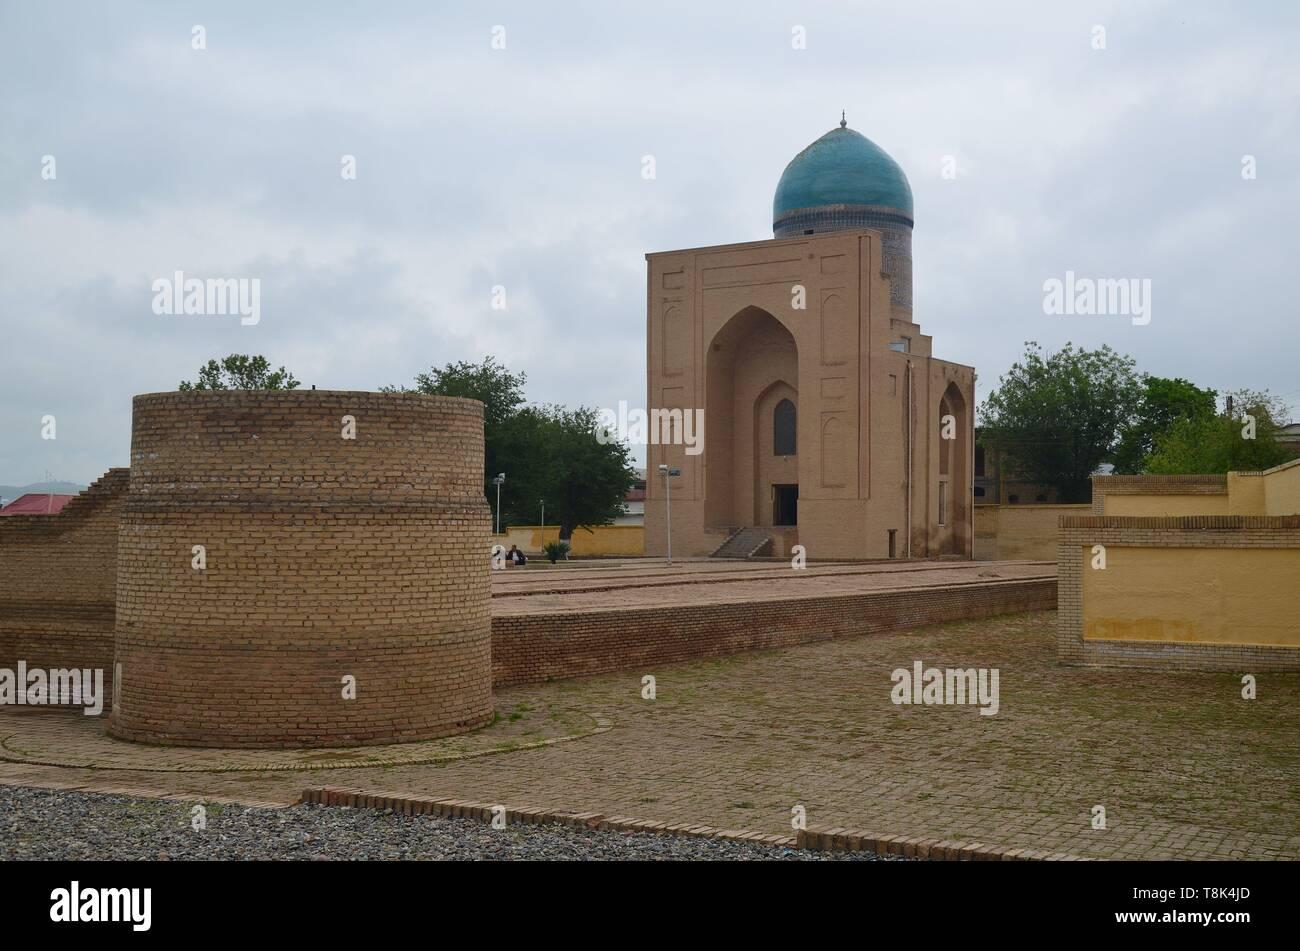 Samarkand, UNESCO Weltkulturerbe in Usbekistan: der Bibi Xanum Moscheen- und Mausoleumskomplex Stock Photo